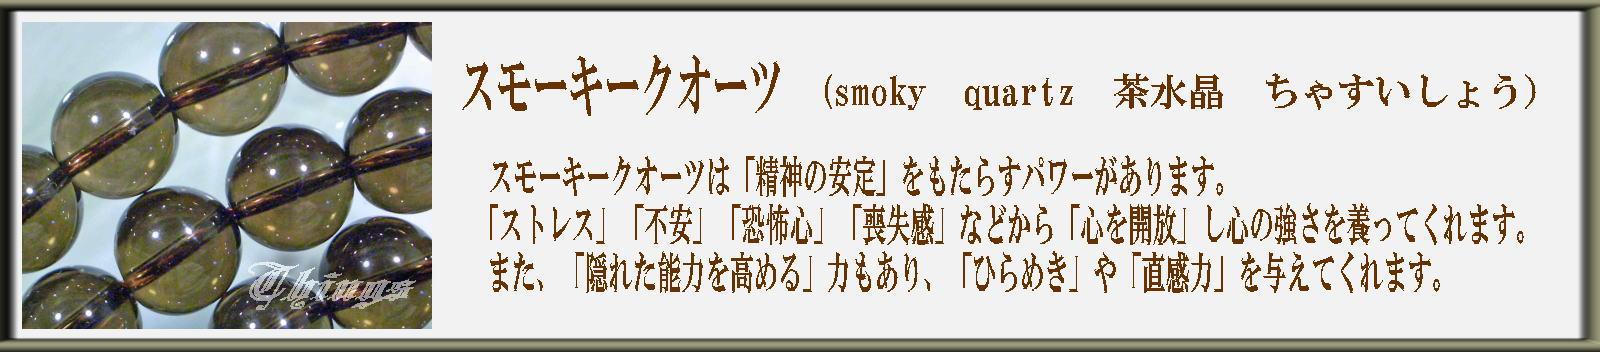 ◆スモーキークオーツ smoky quartz 茶水晶 ちゃすいしょう◆